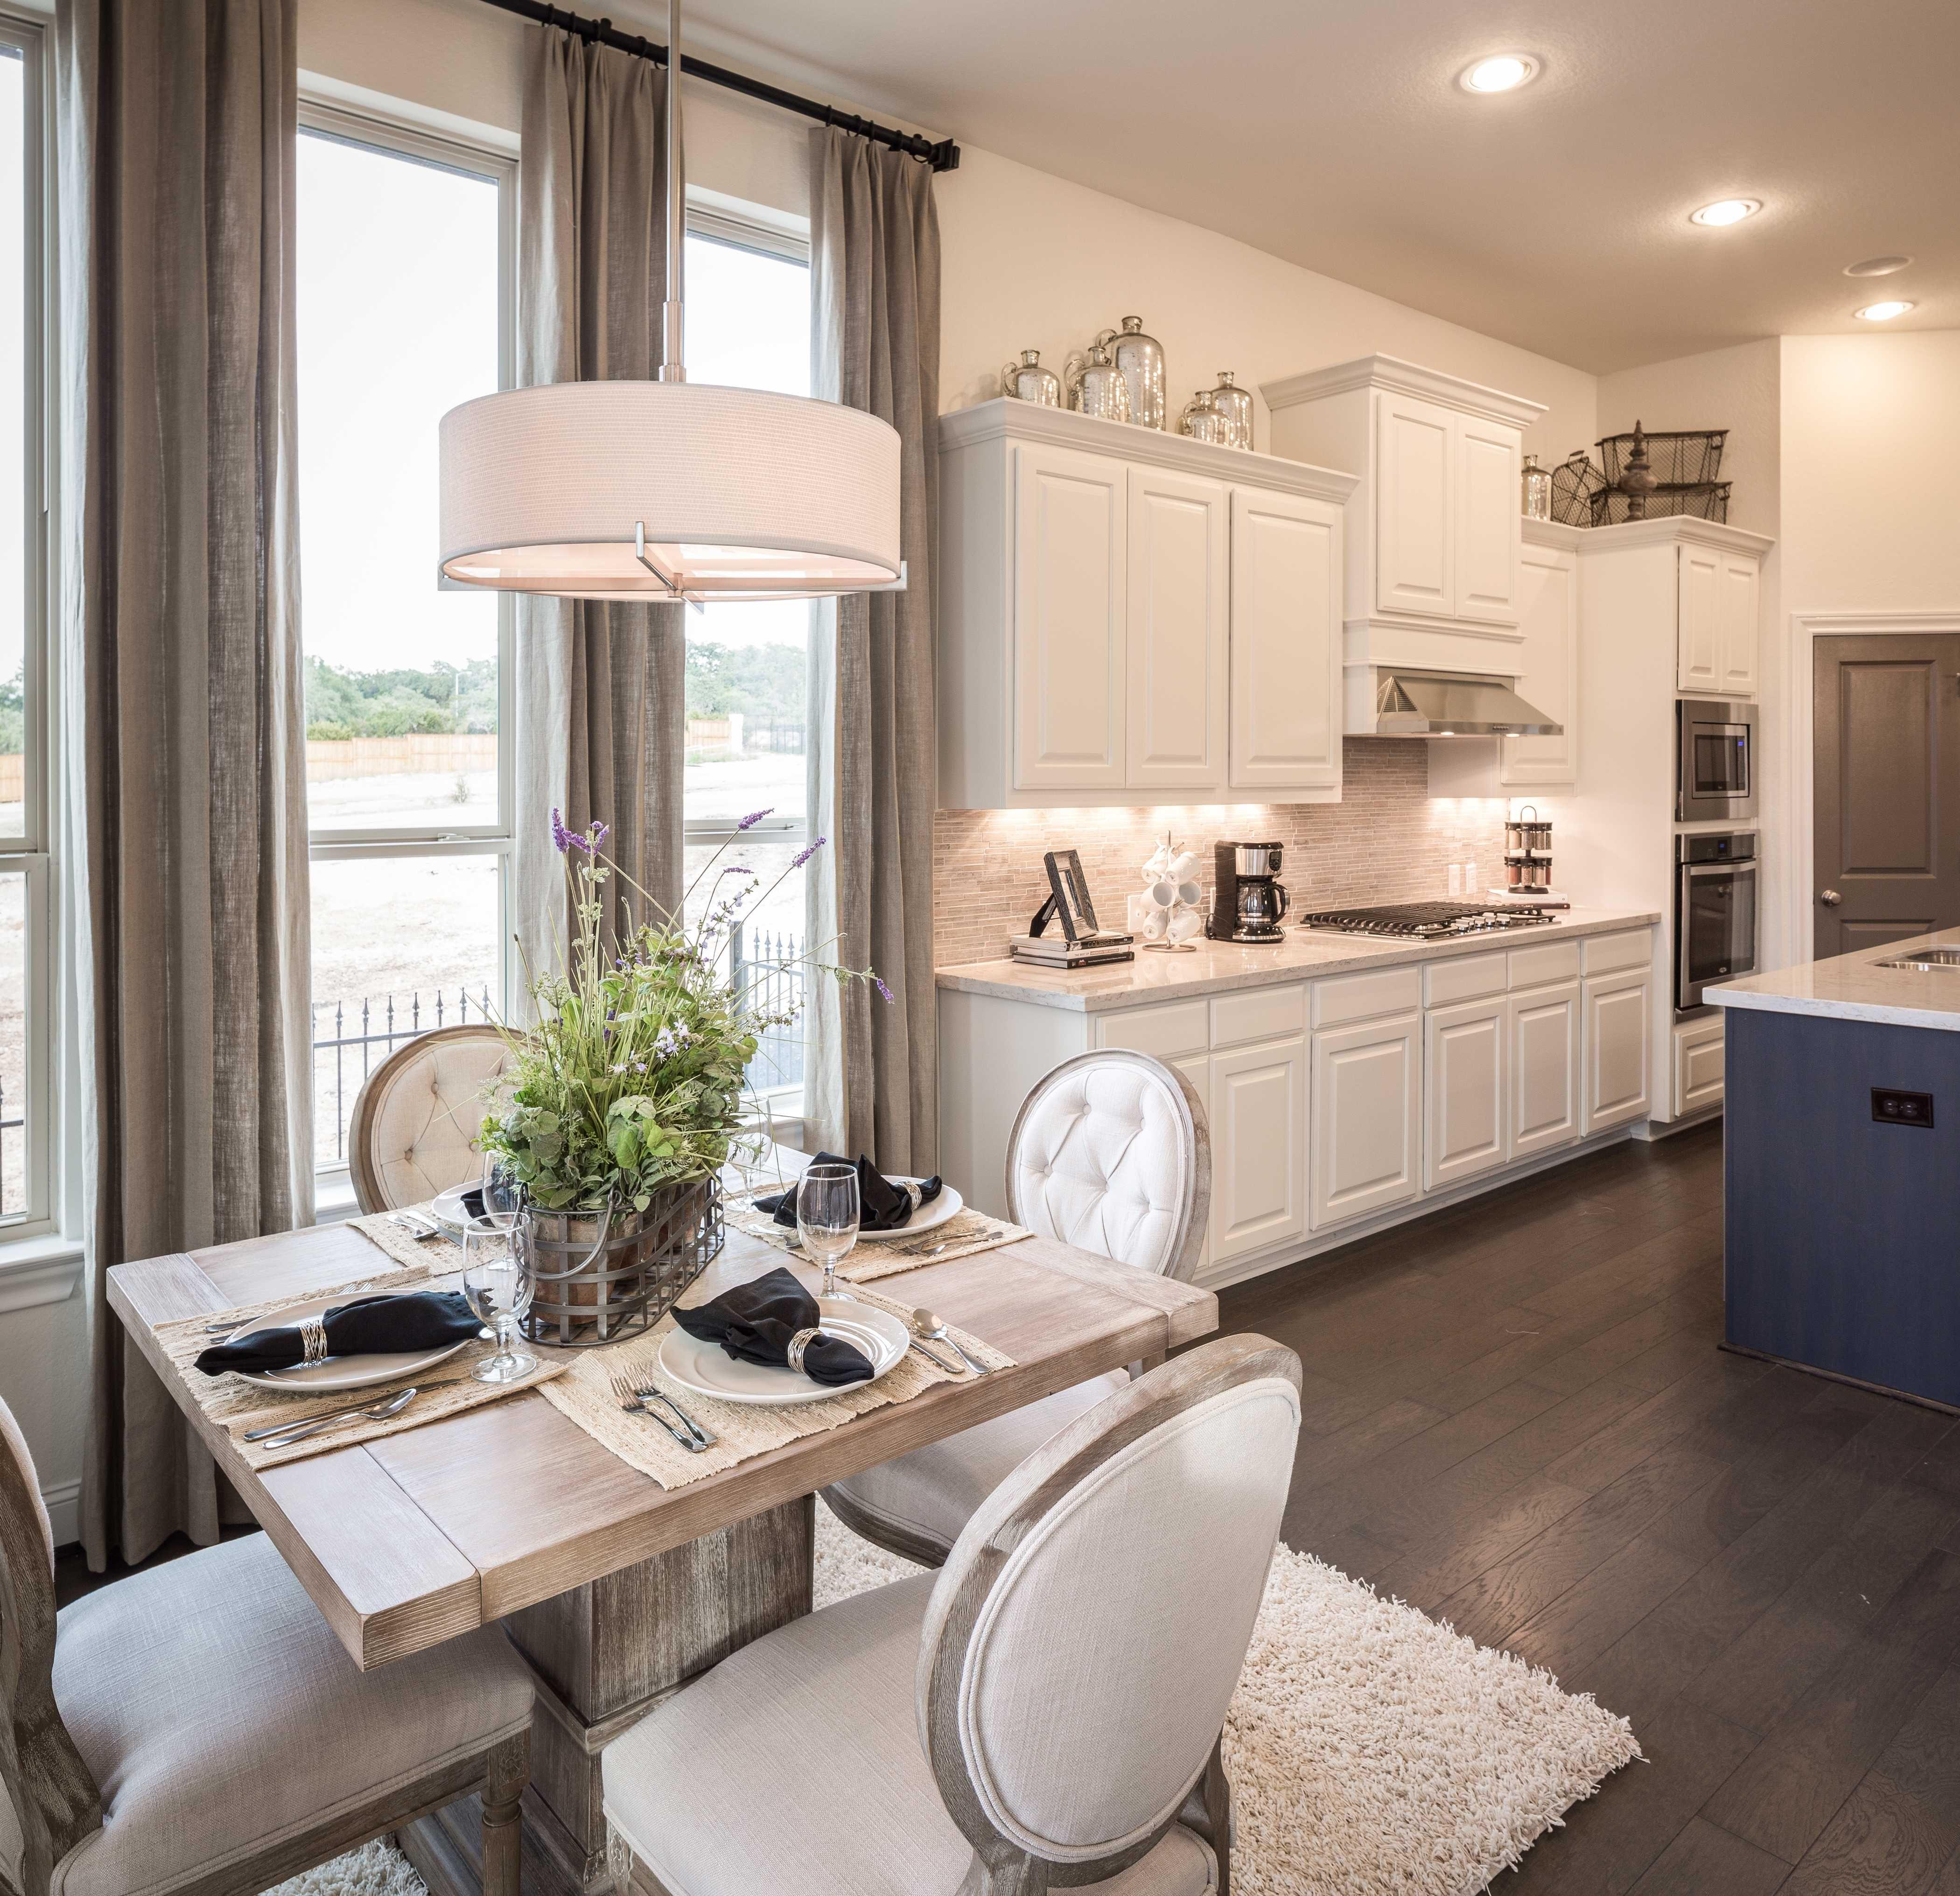 Model Home in San Antonio Texas Coronado community  Blue